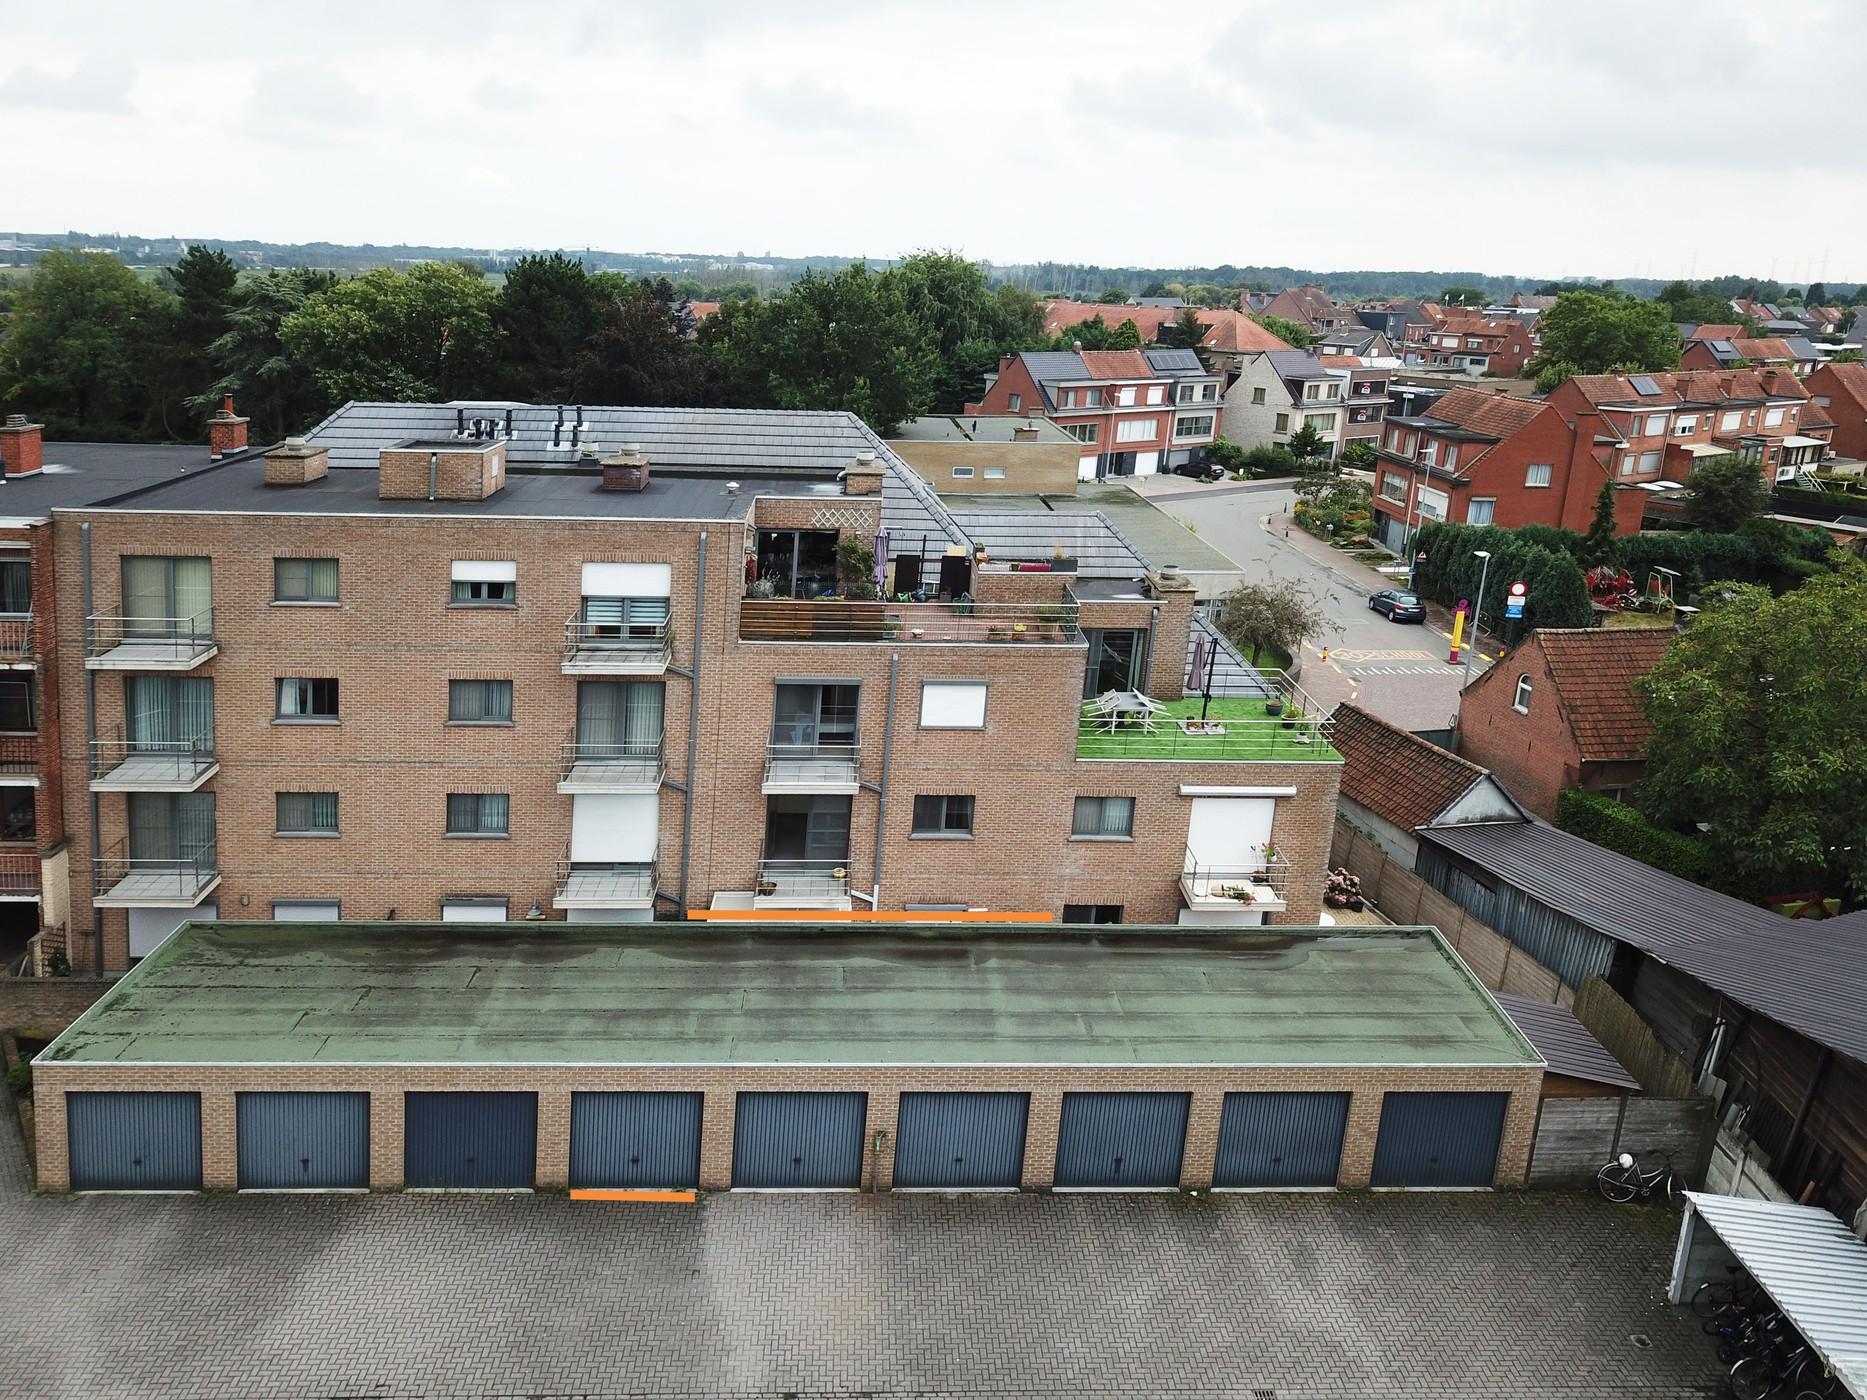 Instapklaar appartement op goede locatie, bouwjaar 2003.